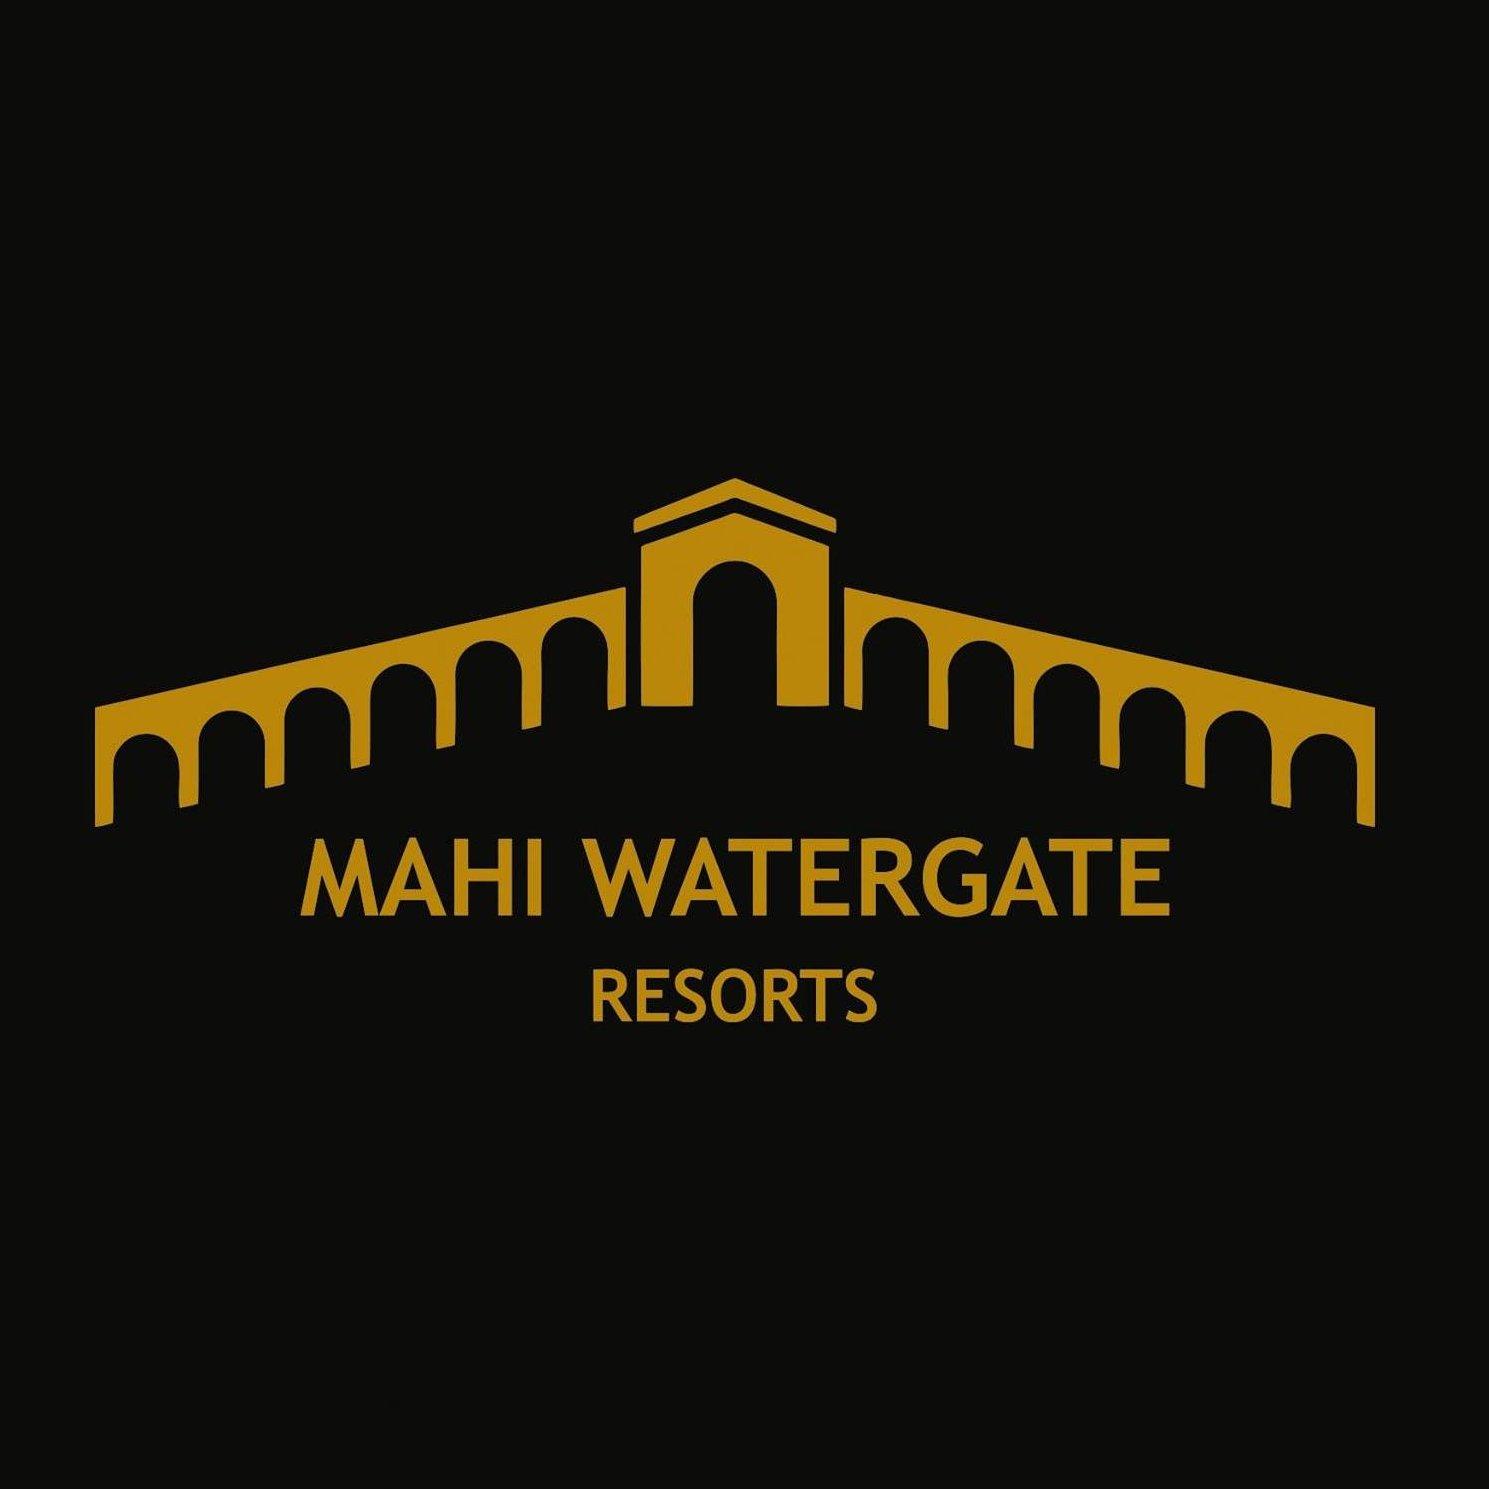 Mahi WaterGate Resort